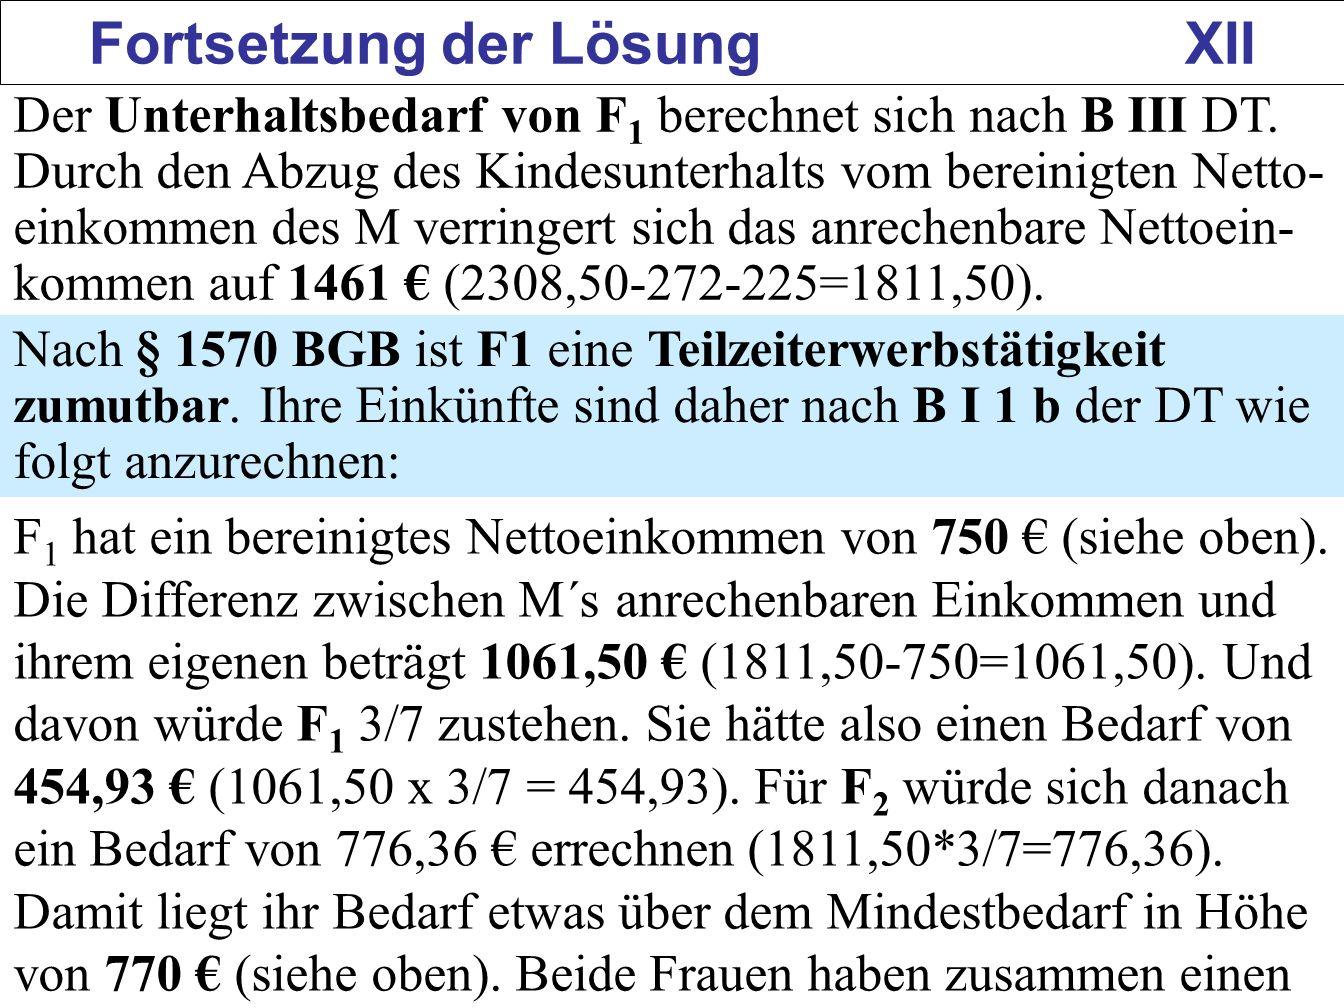 159 Fortsetzung der Lösung XII Der Unterhaltsbedarf von F 1 berechnet sich nach B III DT. Durch den Abzug des Kindesunterhalts vom bereinigten Netto-